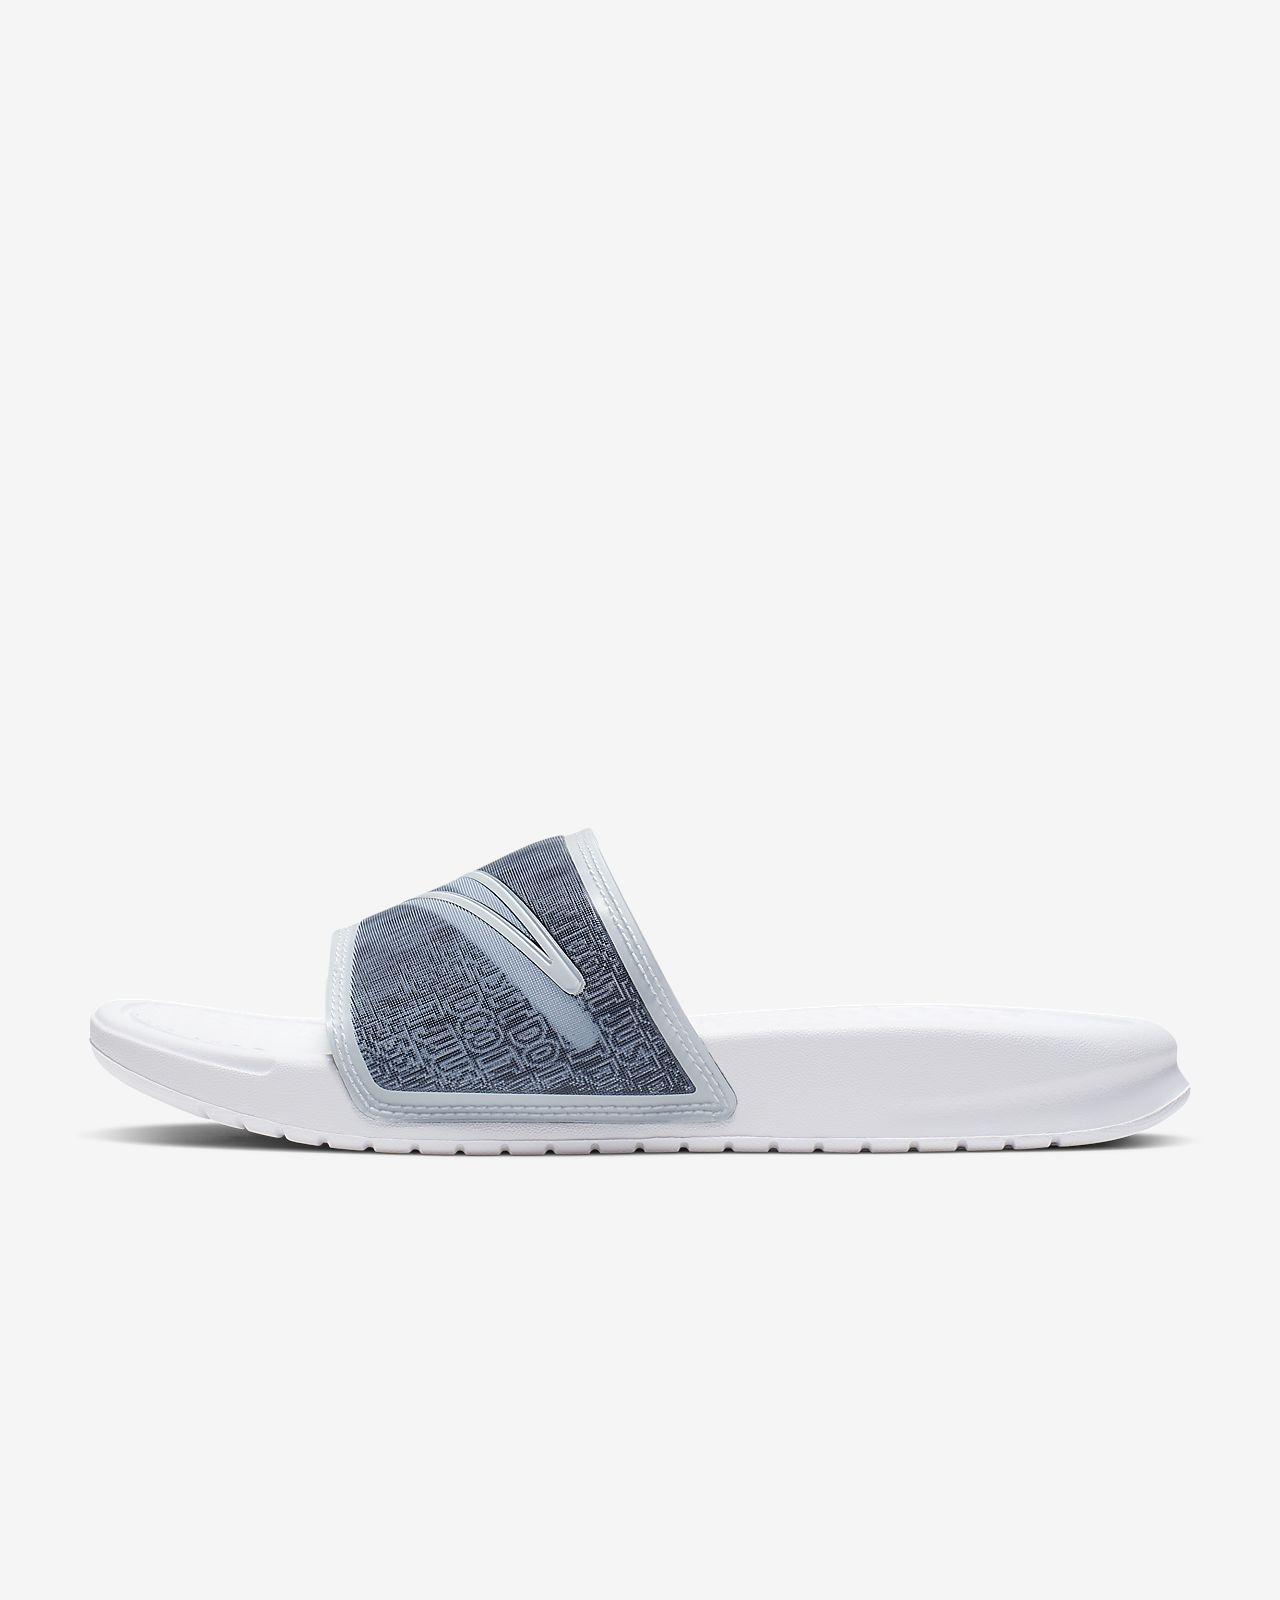 NIke Benassi LX Women's Sandal